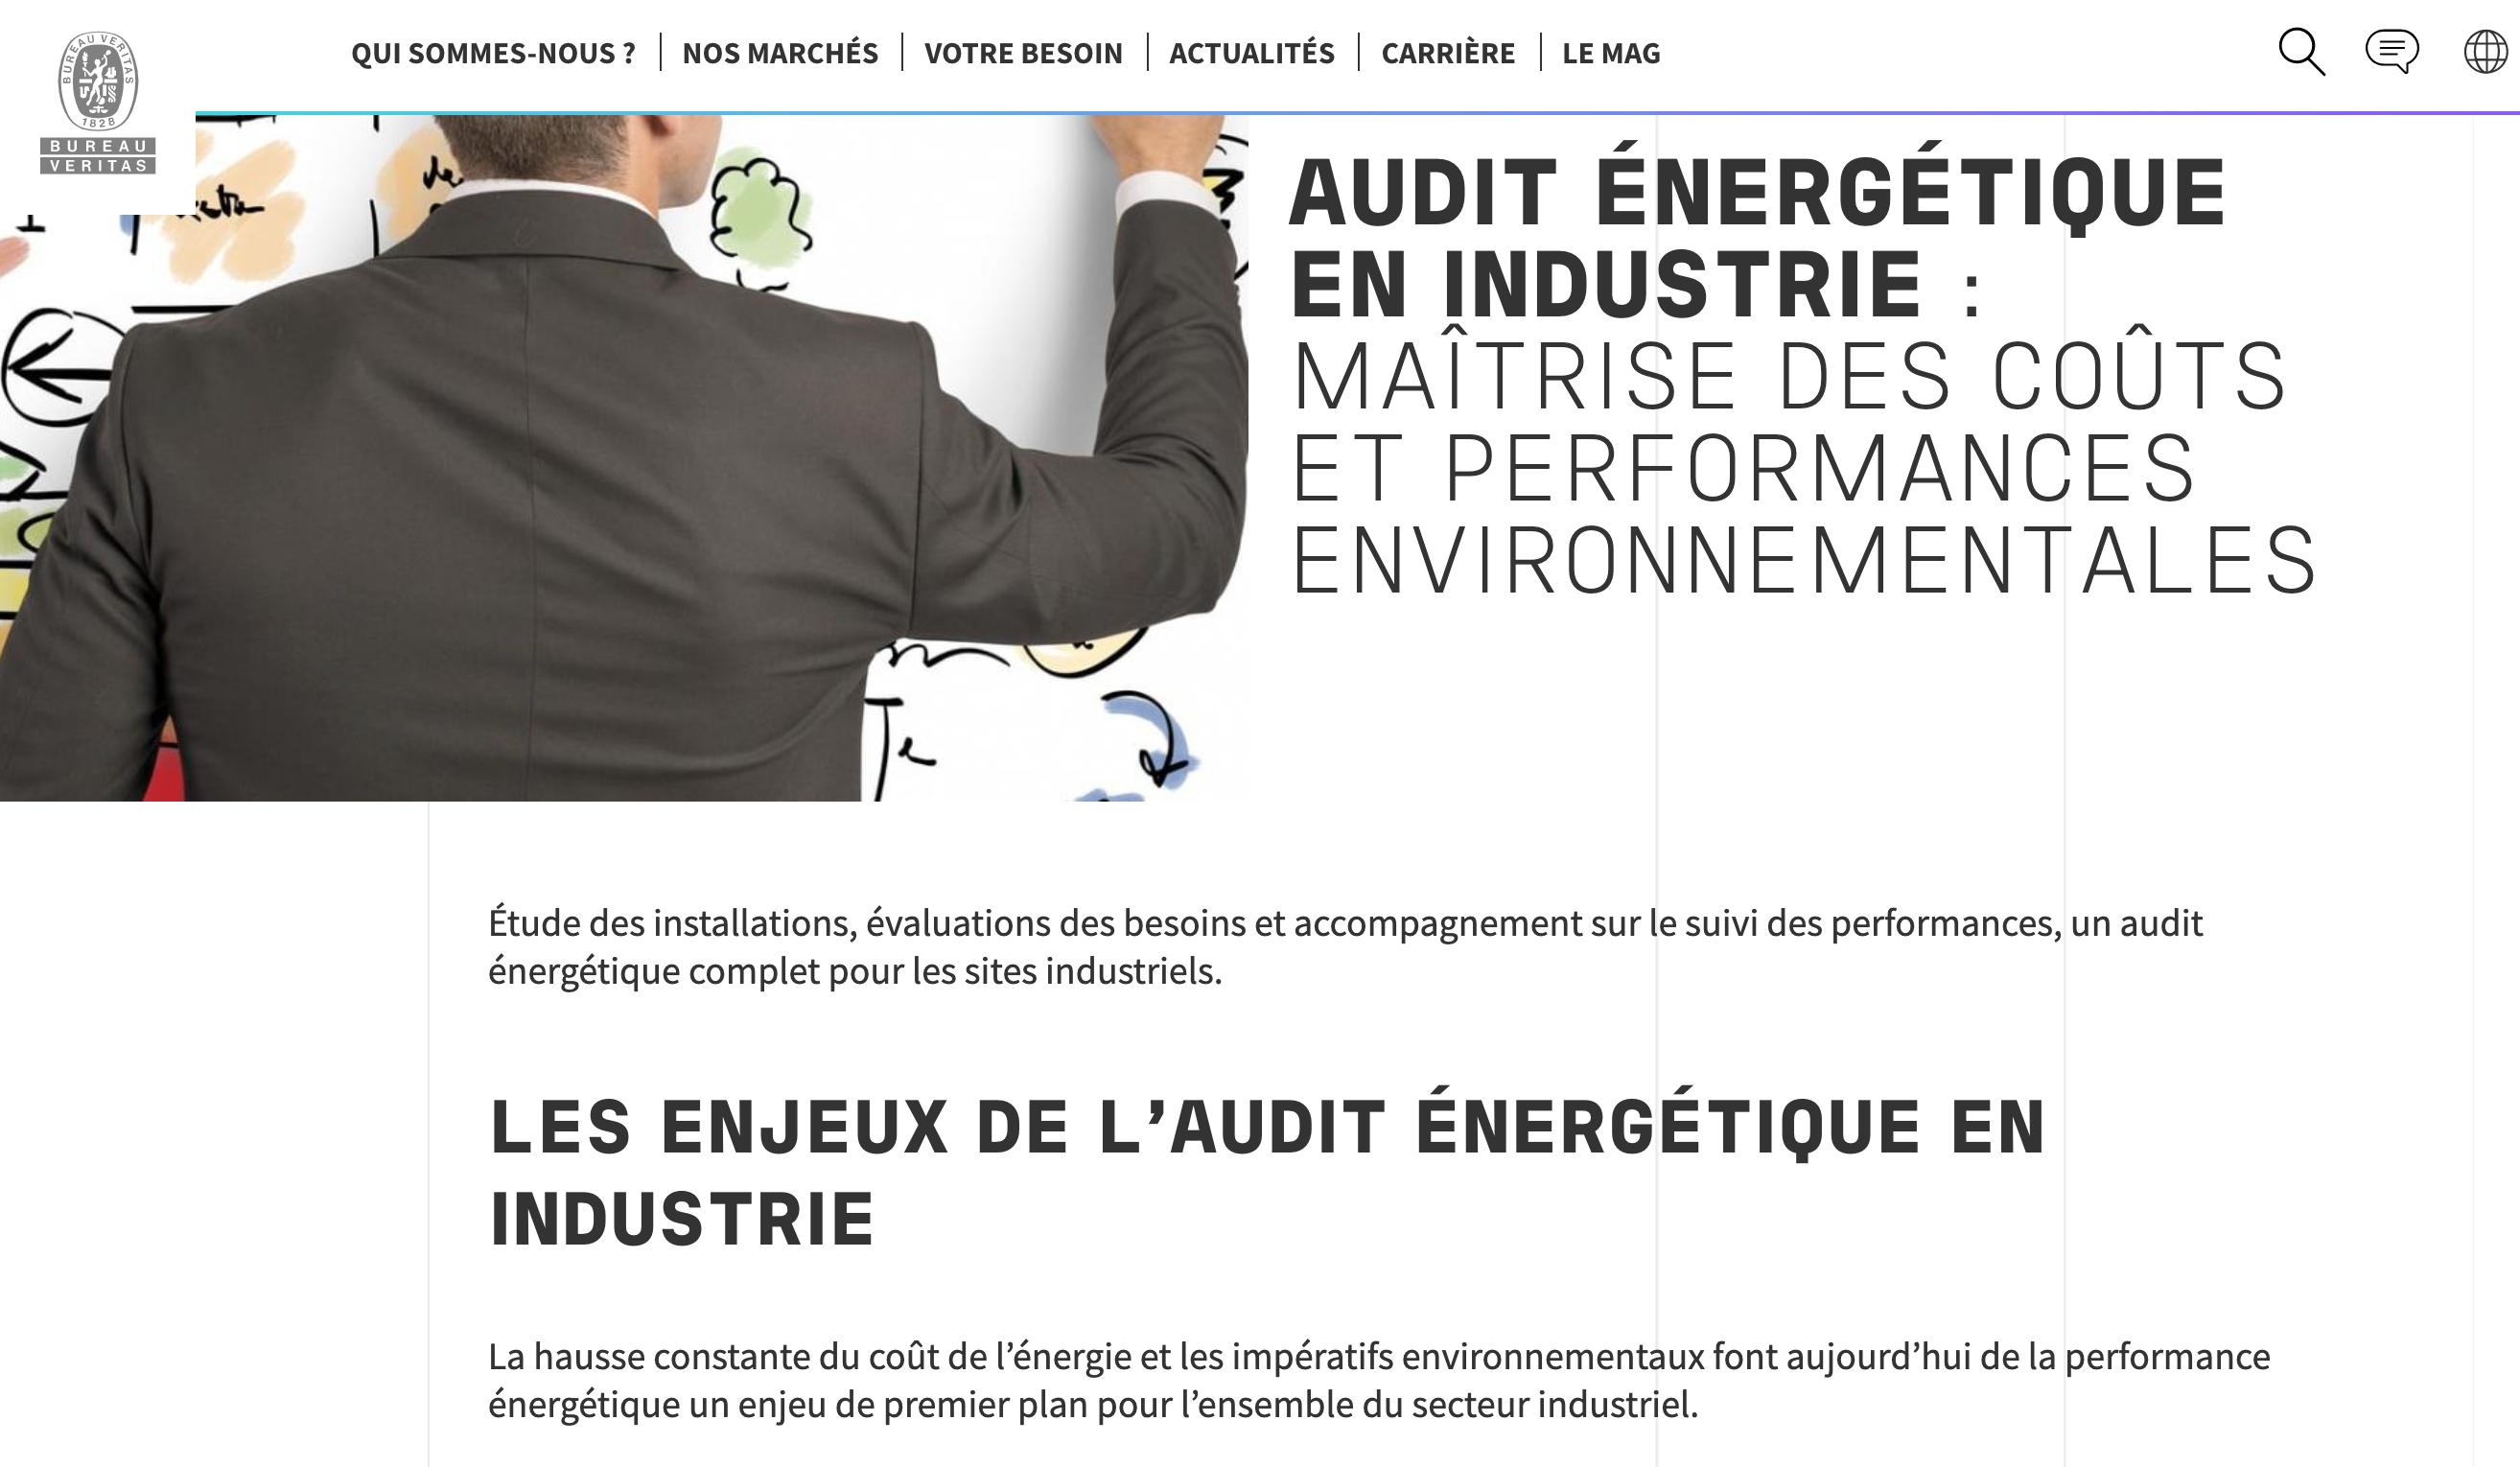 Extrait du SEO pour l'audit énergétique du site de Bureau Veritas par Digilia